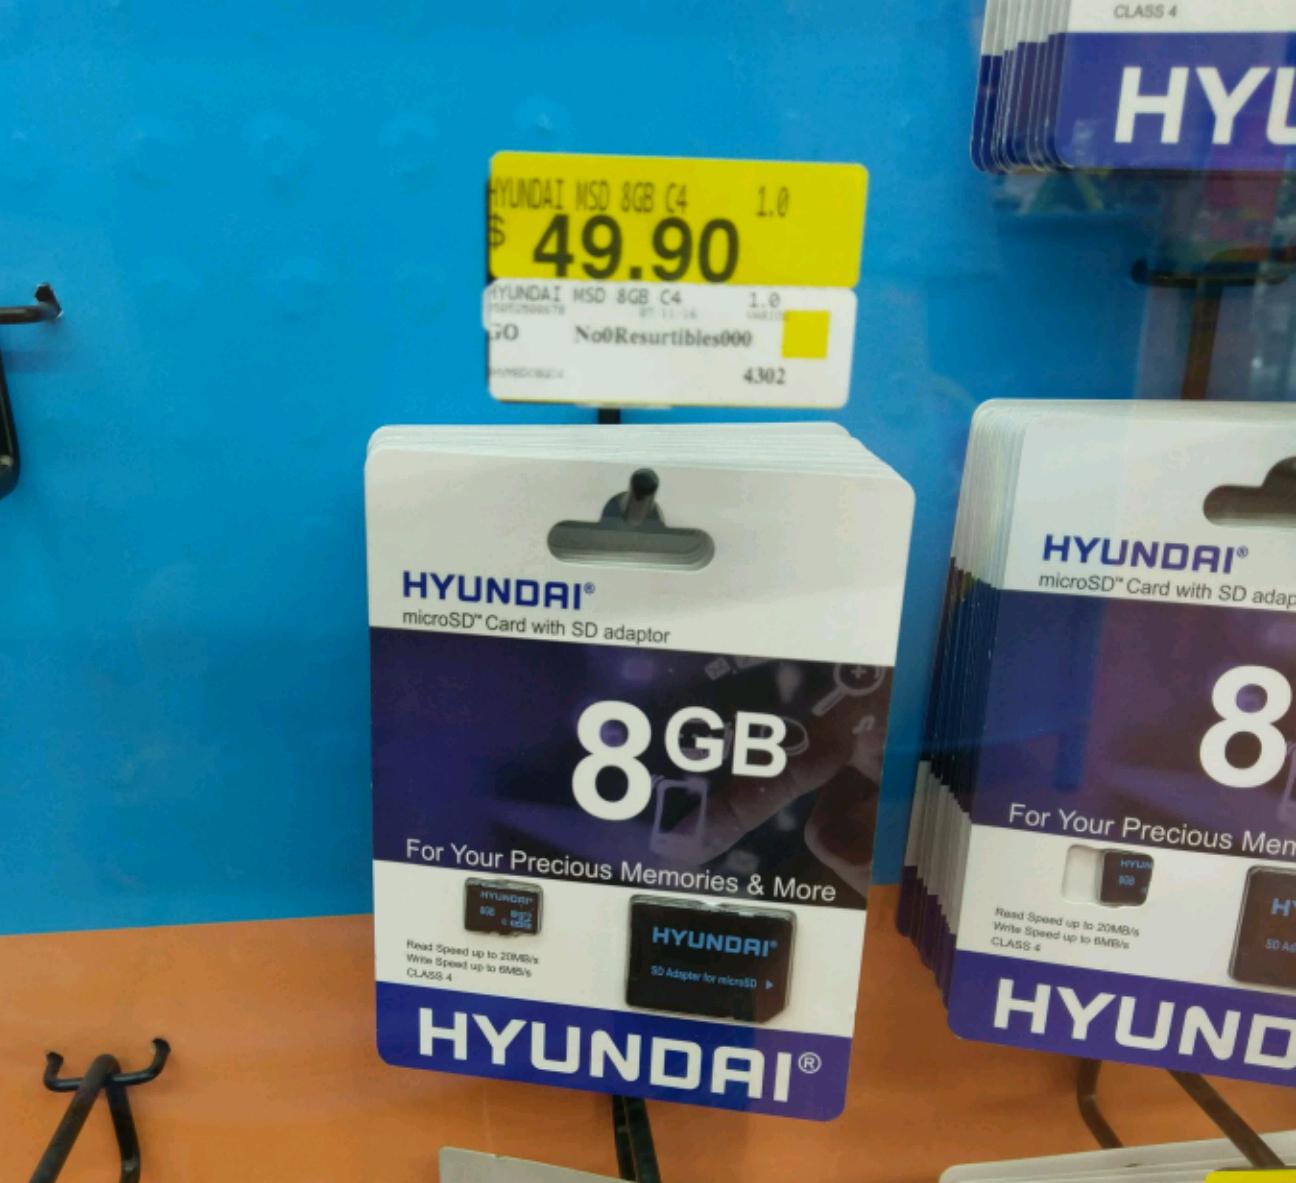 Walmart Alamedas: Memoria Micro SD HYUNDAI de 8GB a $49.90